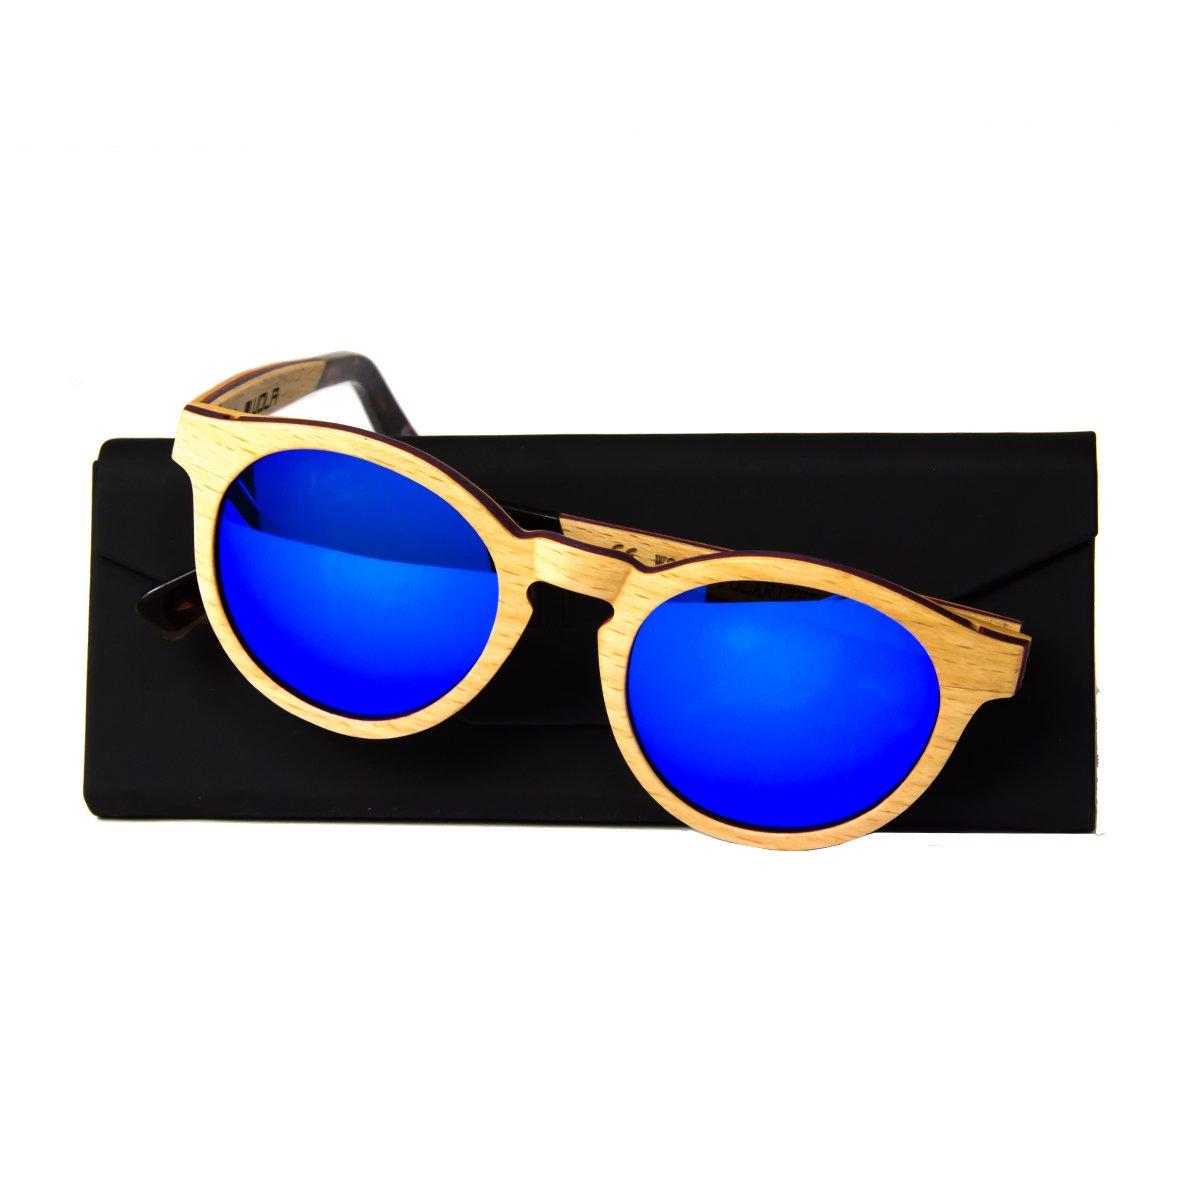 WOLA Damen Herren Sonnenbrille Holz FORREST Brille oval Vollholz und Acetat polarisiert UV400 Nussholz Unisex Damen M - Herren S LDEG7QWk